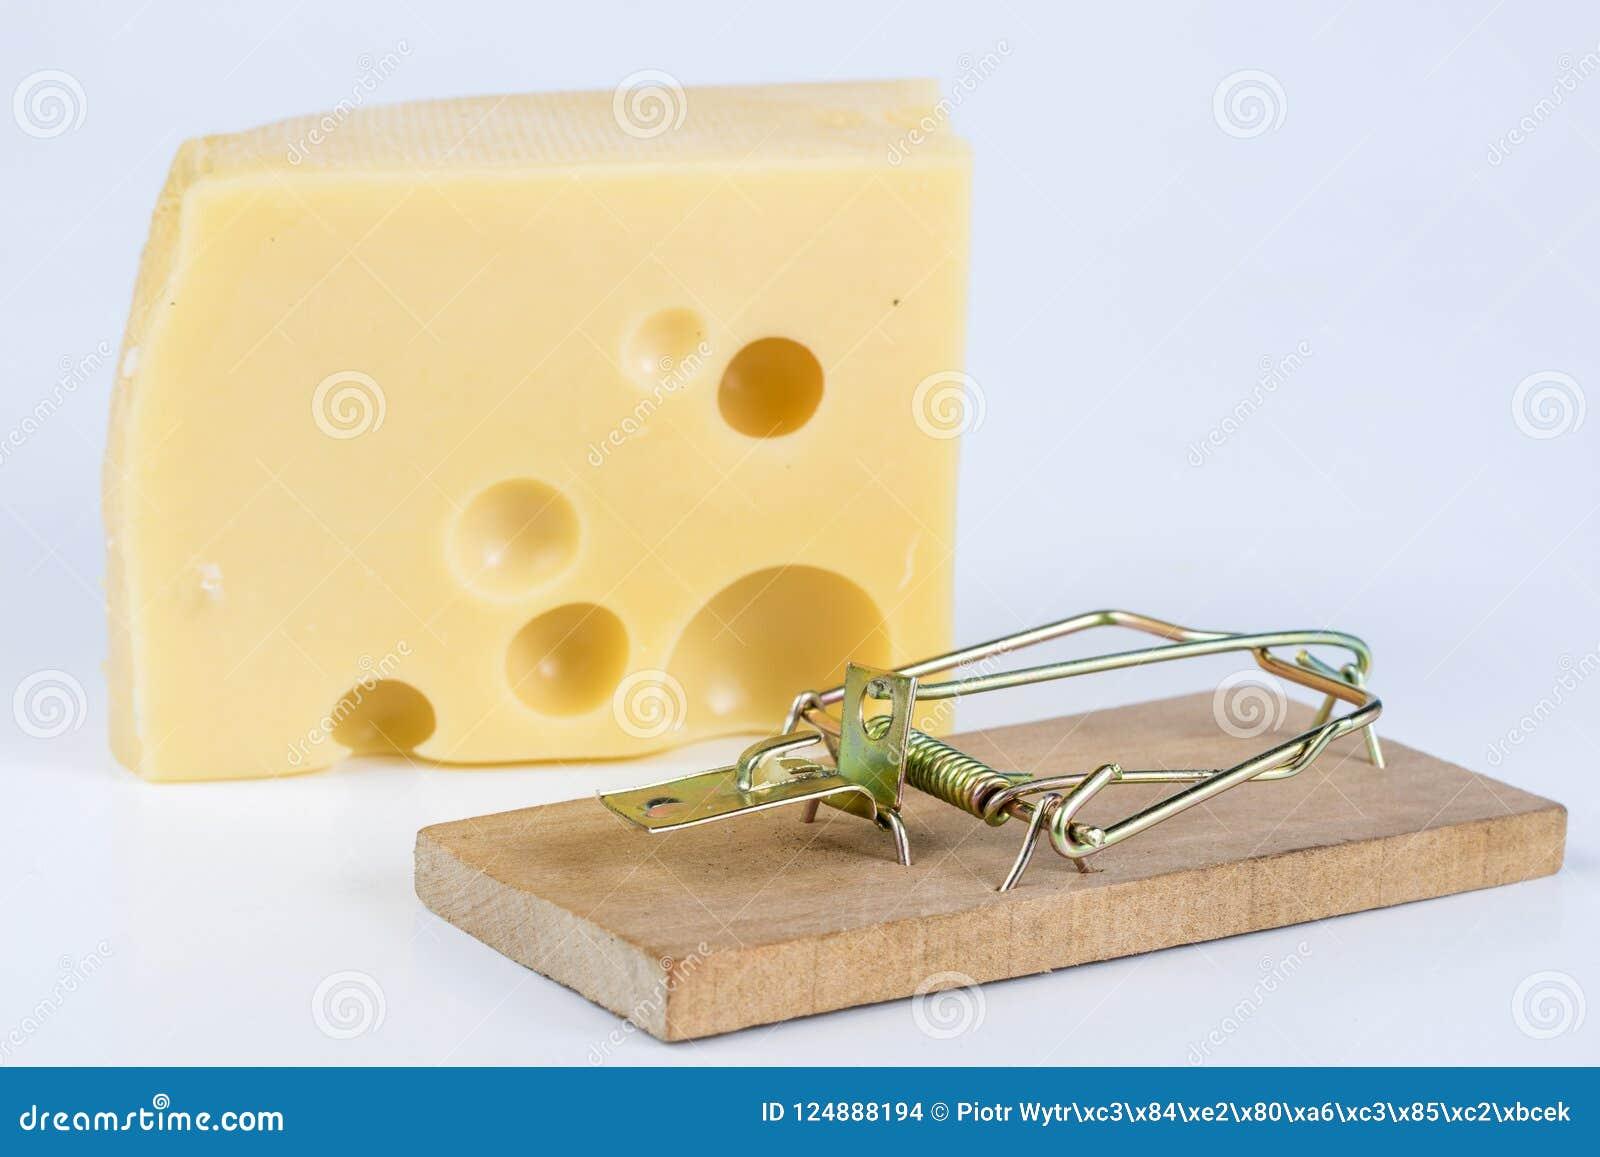 Ratonera en una tabla blanca Trampa con queso amarillo como cebo